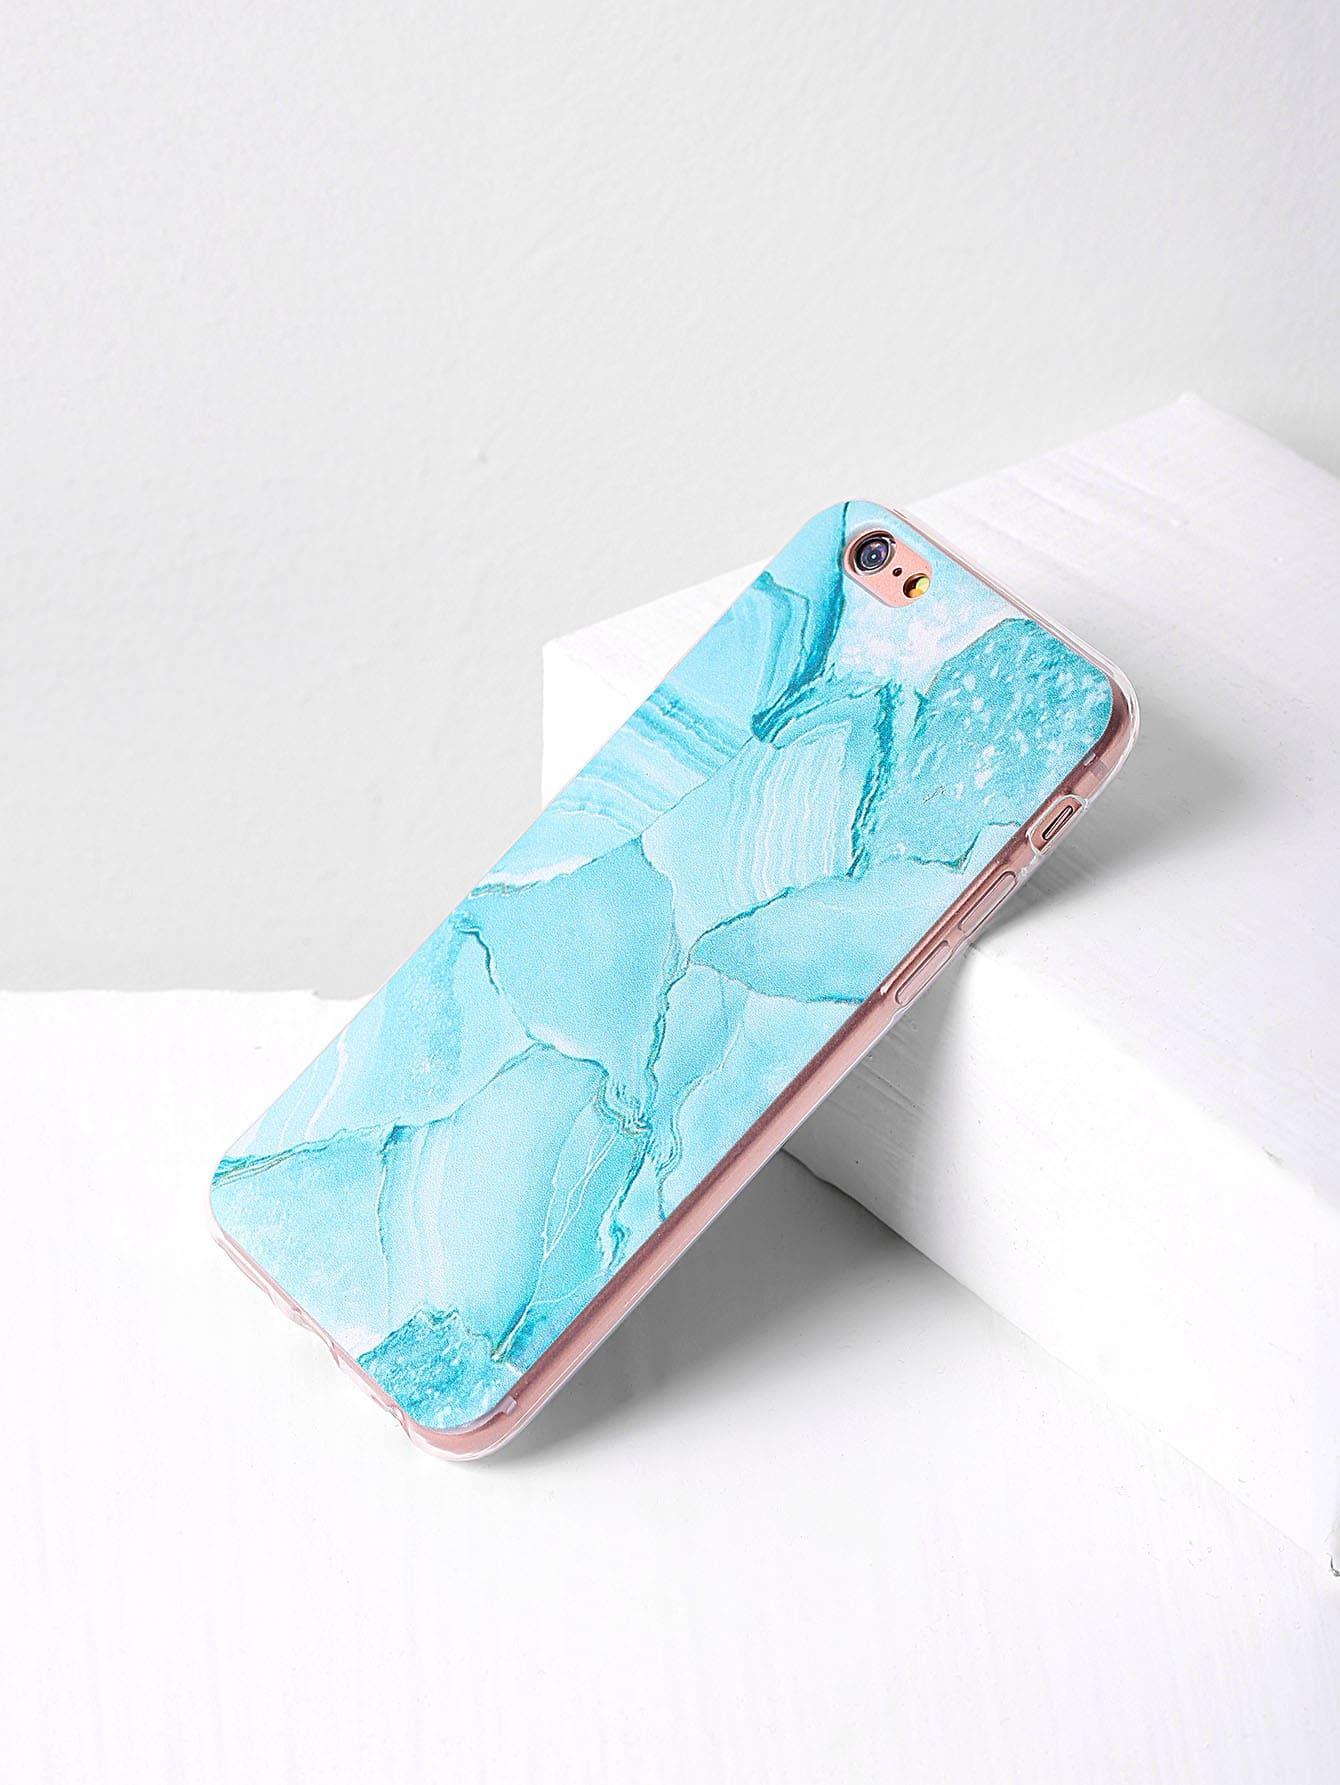 68b052b7c2 Cheap Marble Print iPhone 6/6s Case for sale Australia | SHEIN